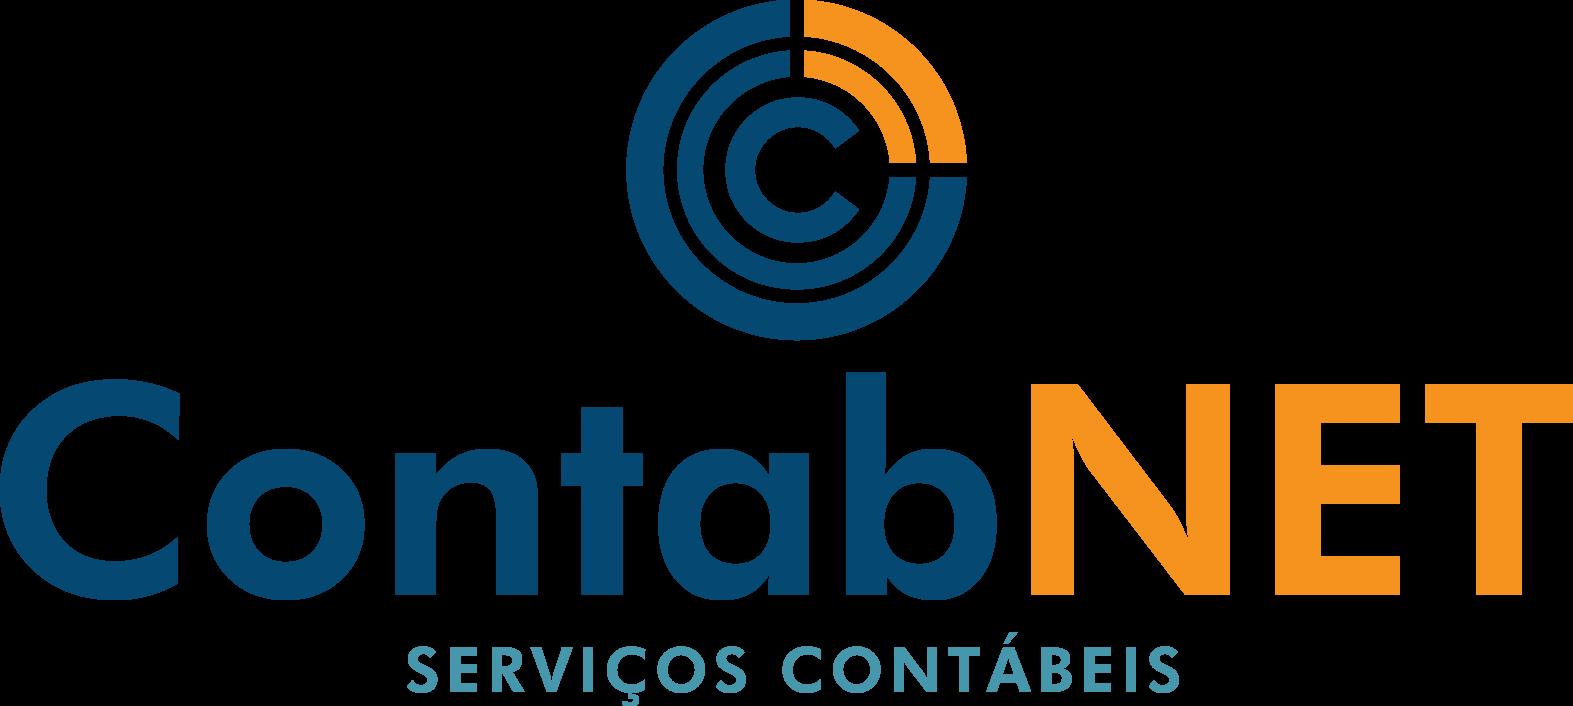 ContabNET | Serviços Contábeis